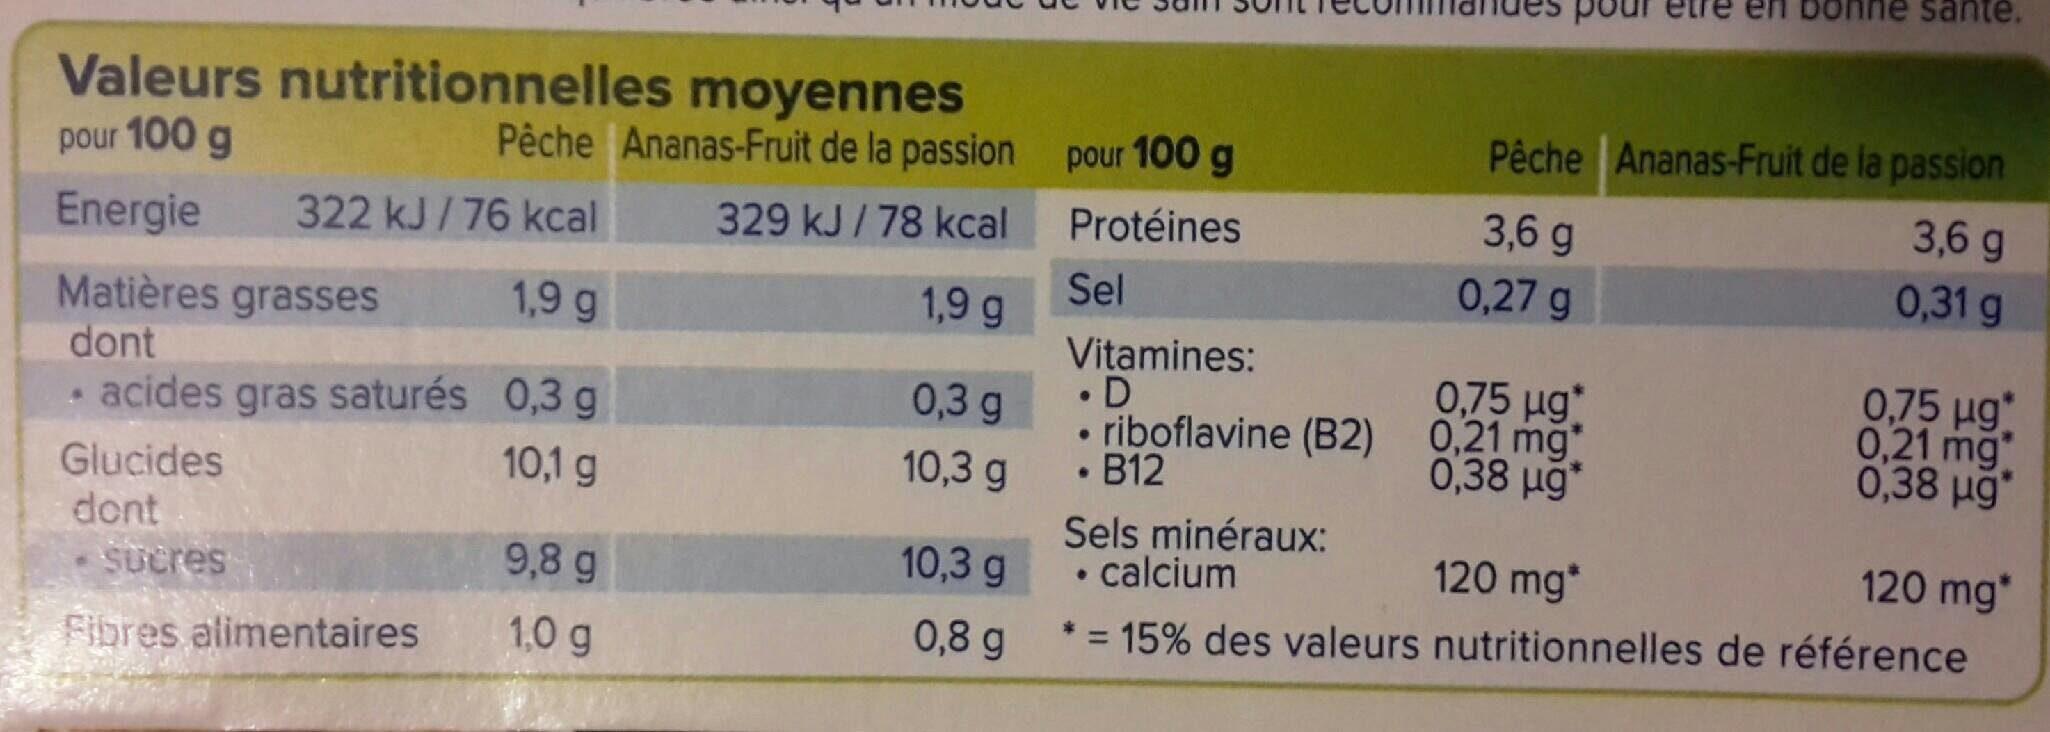 Yaourt au soja saveur pêche/fruits exotiques - Informations nutritionnelles